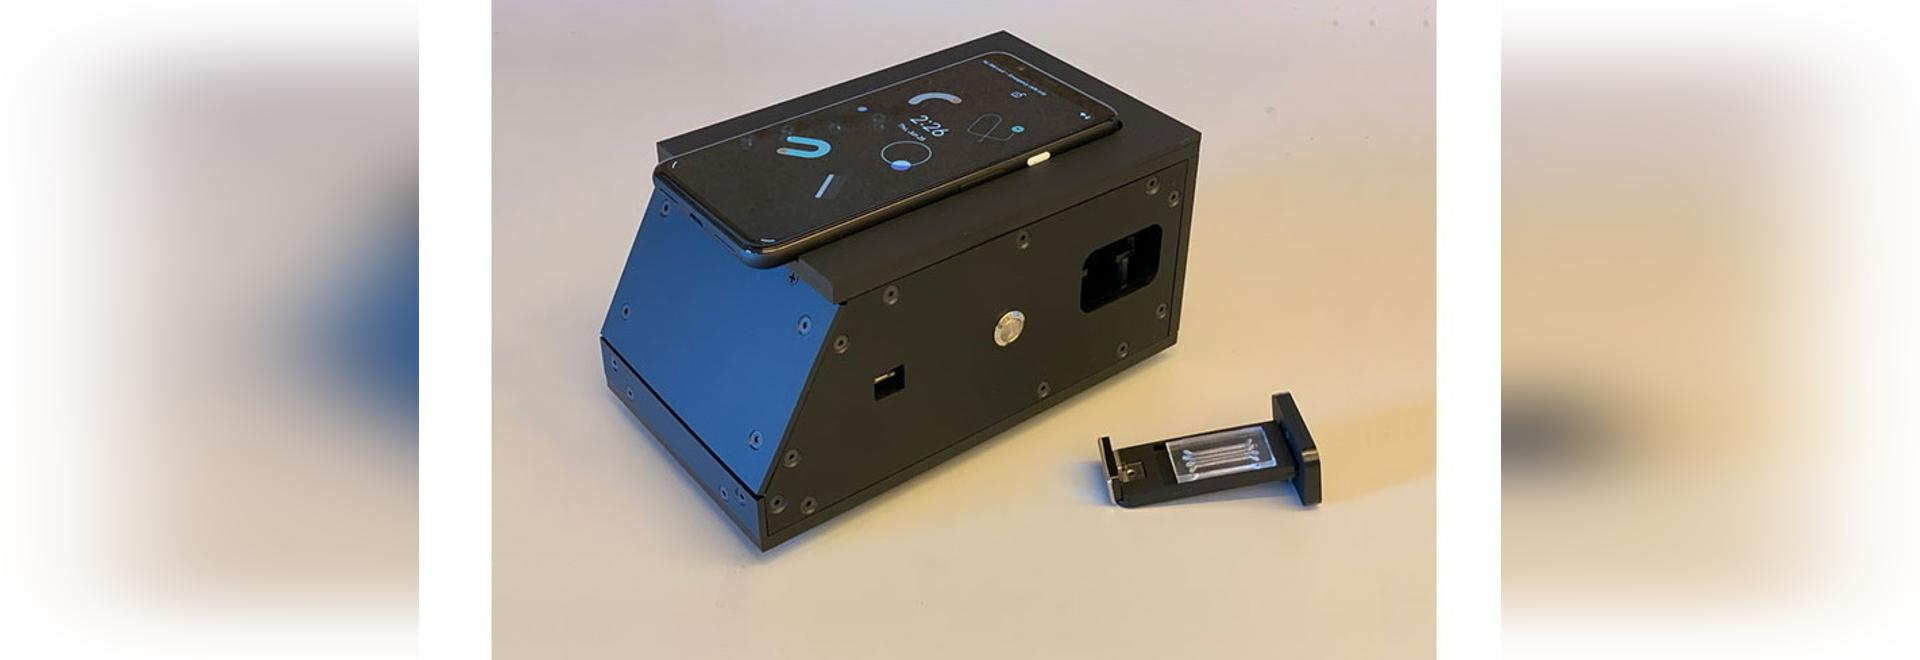 Le test CRISPR utilise une caméra de téléphone portable pour détecter le SRAS-CoV-2